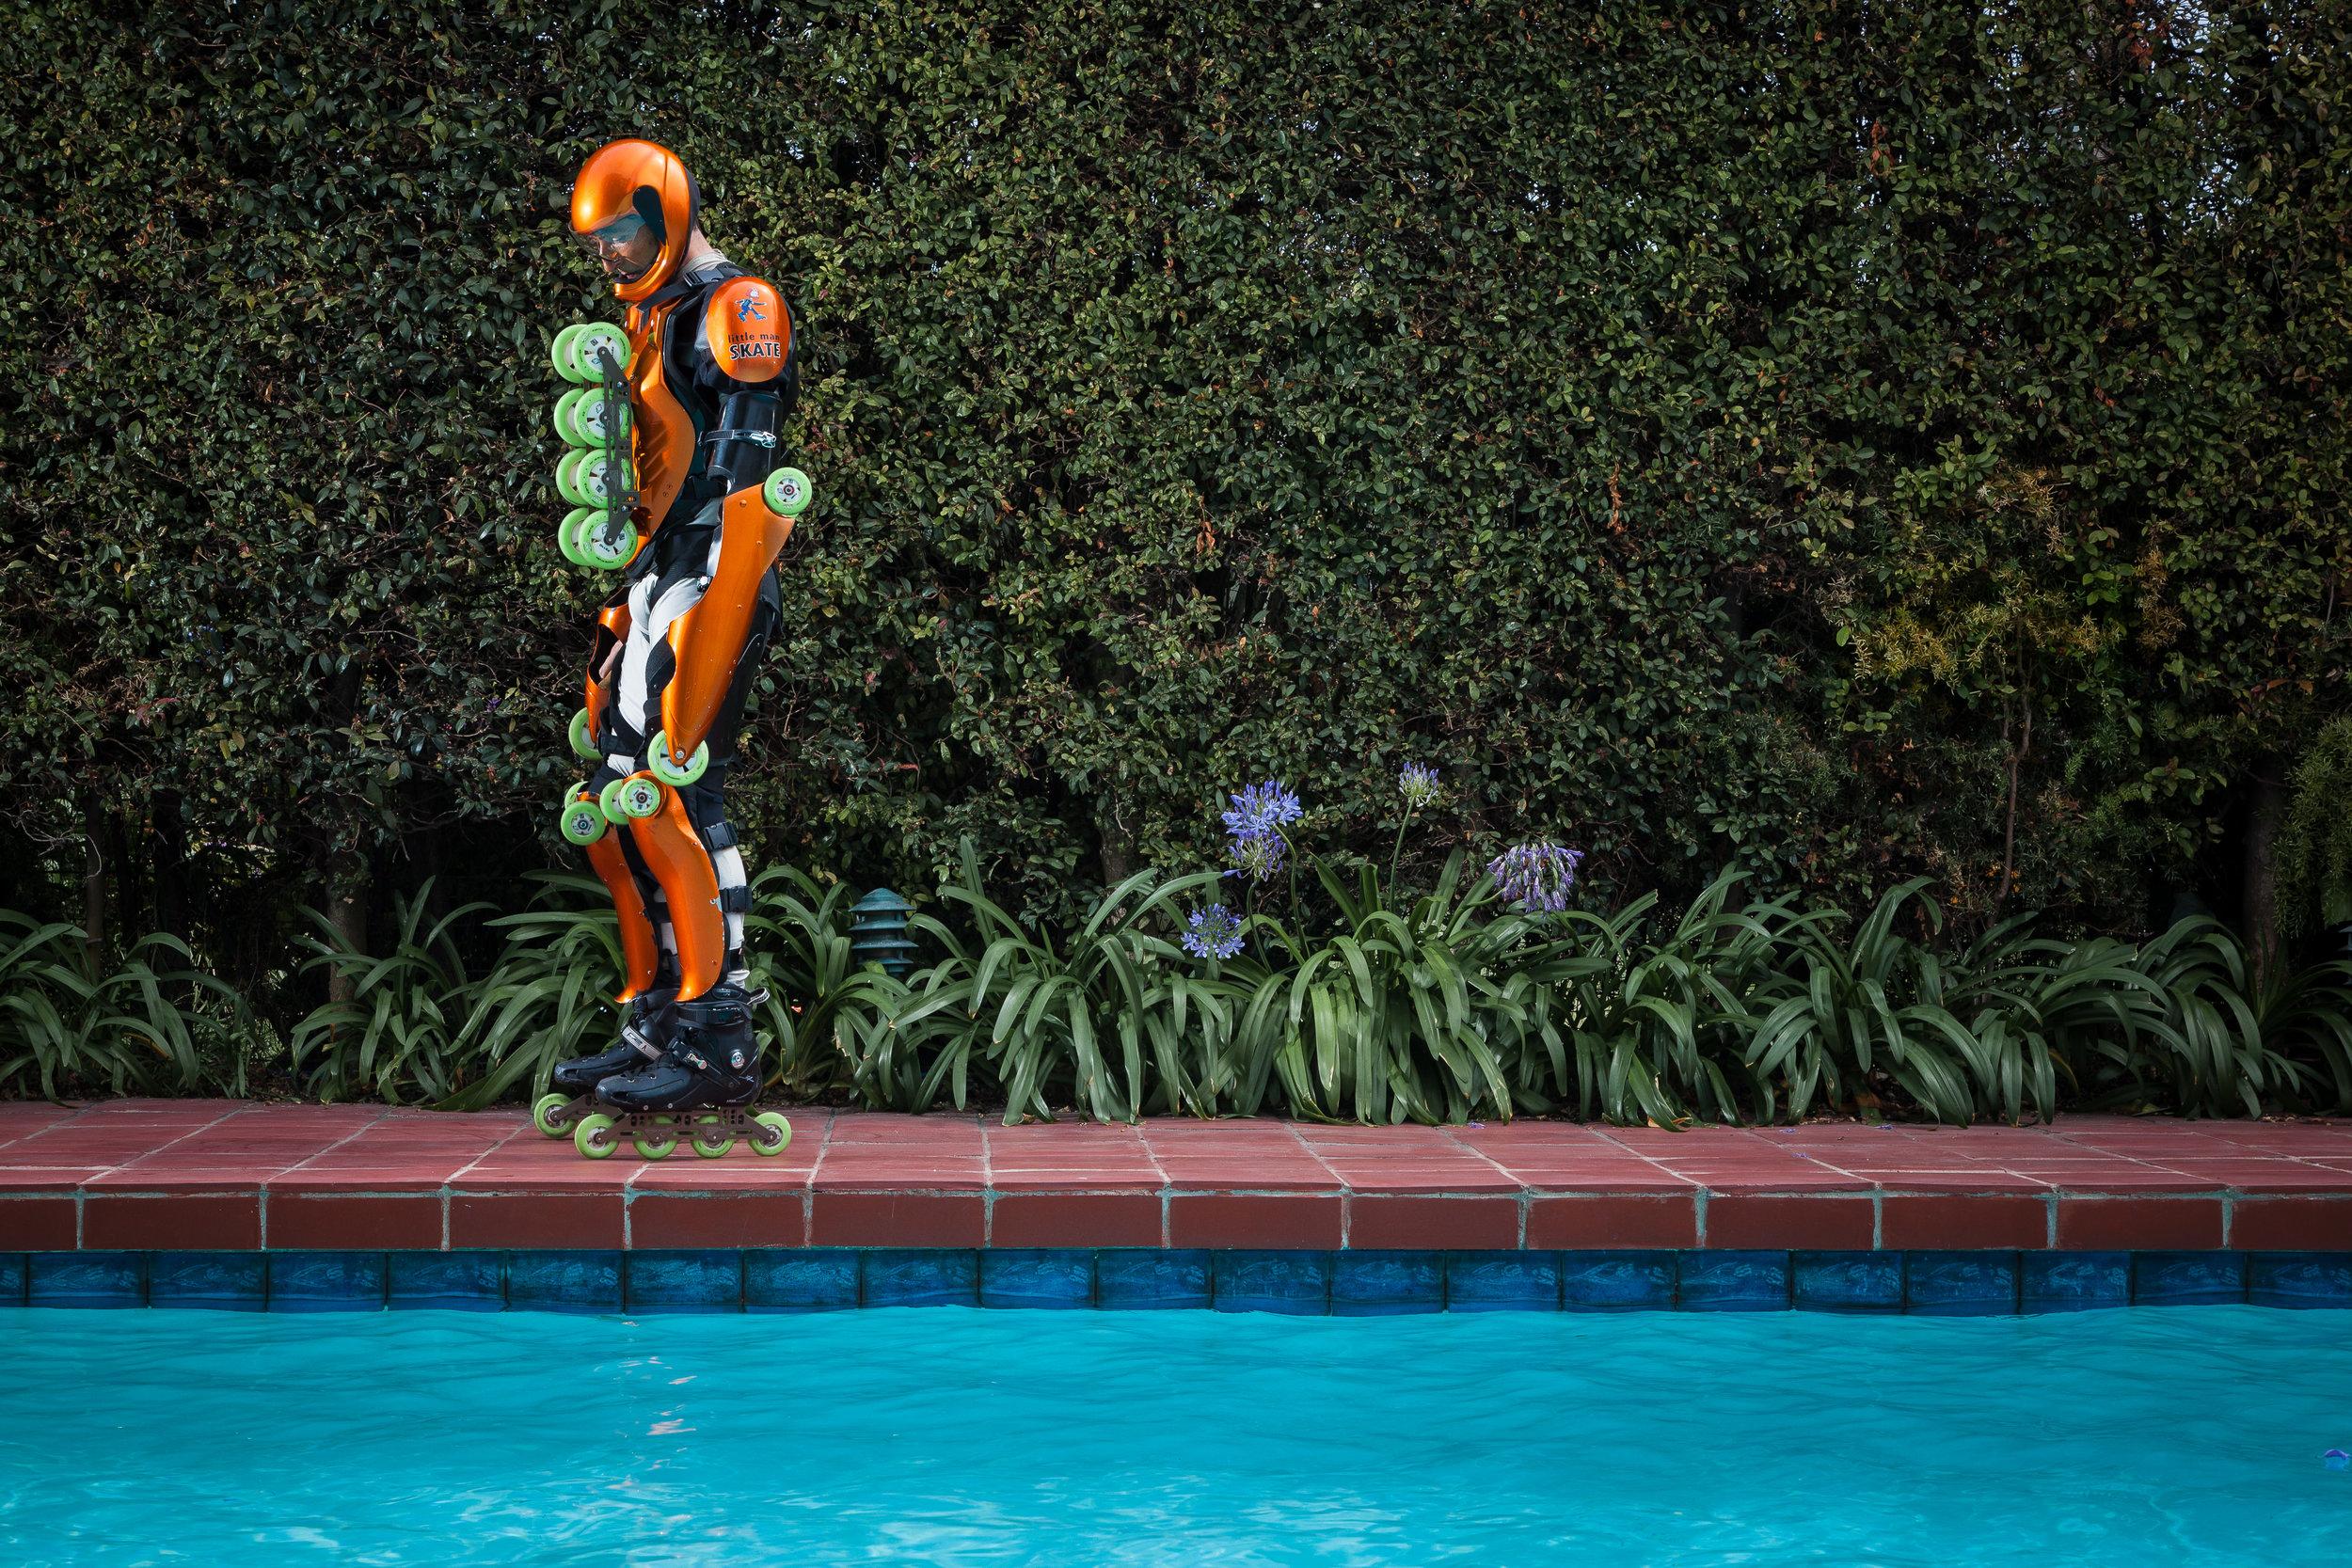 Jean Yves Blondeau, Rollerman by Nick Koudis